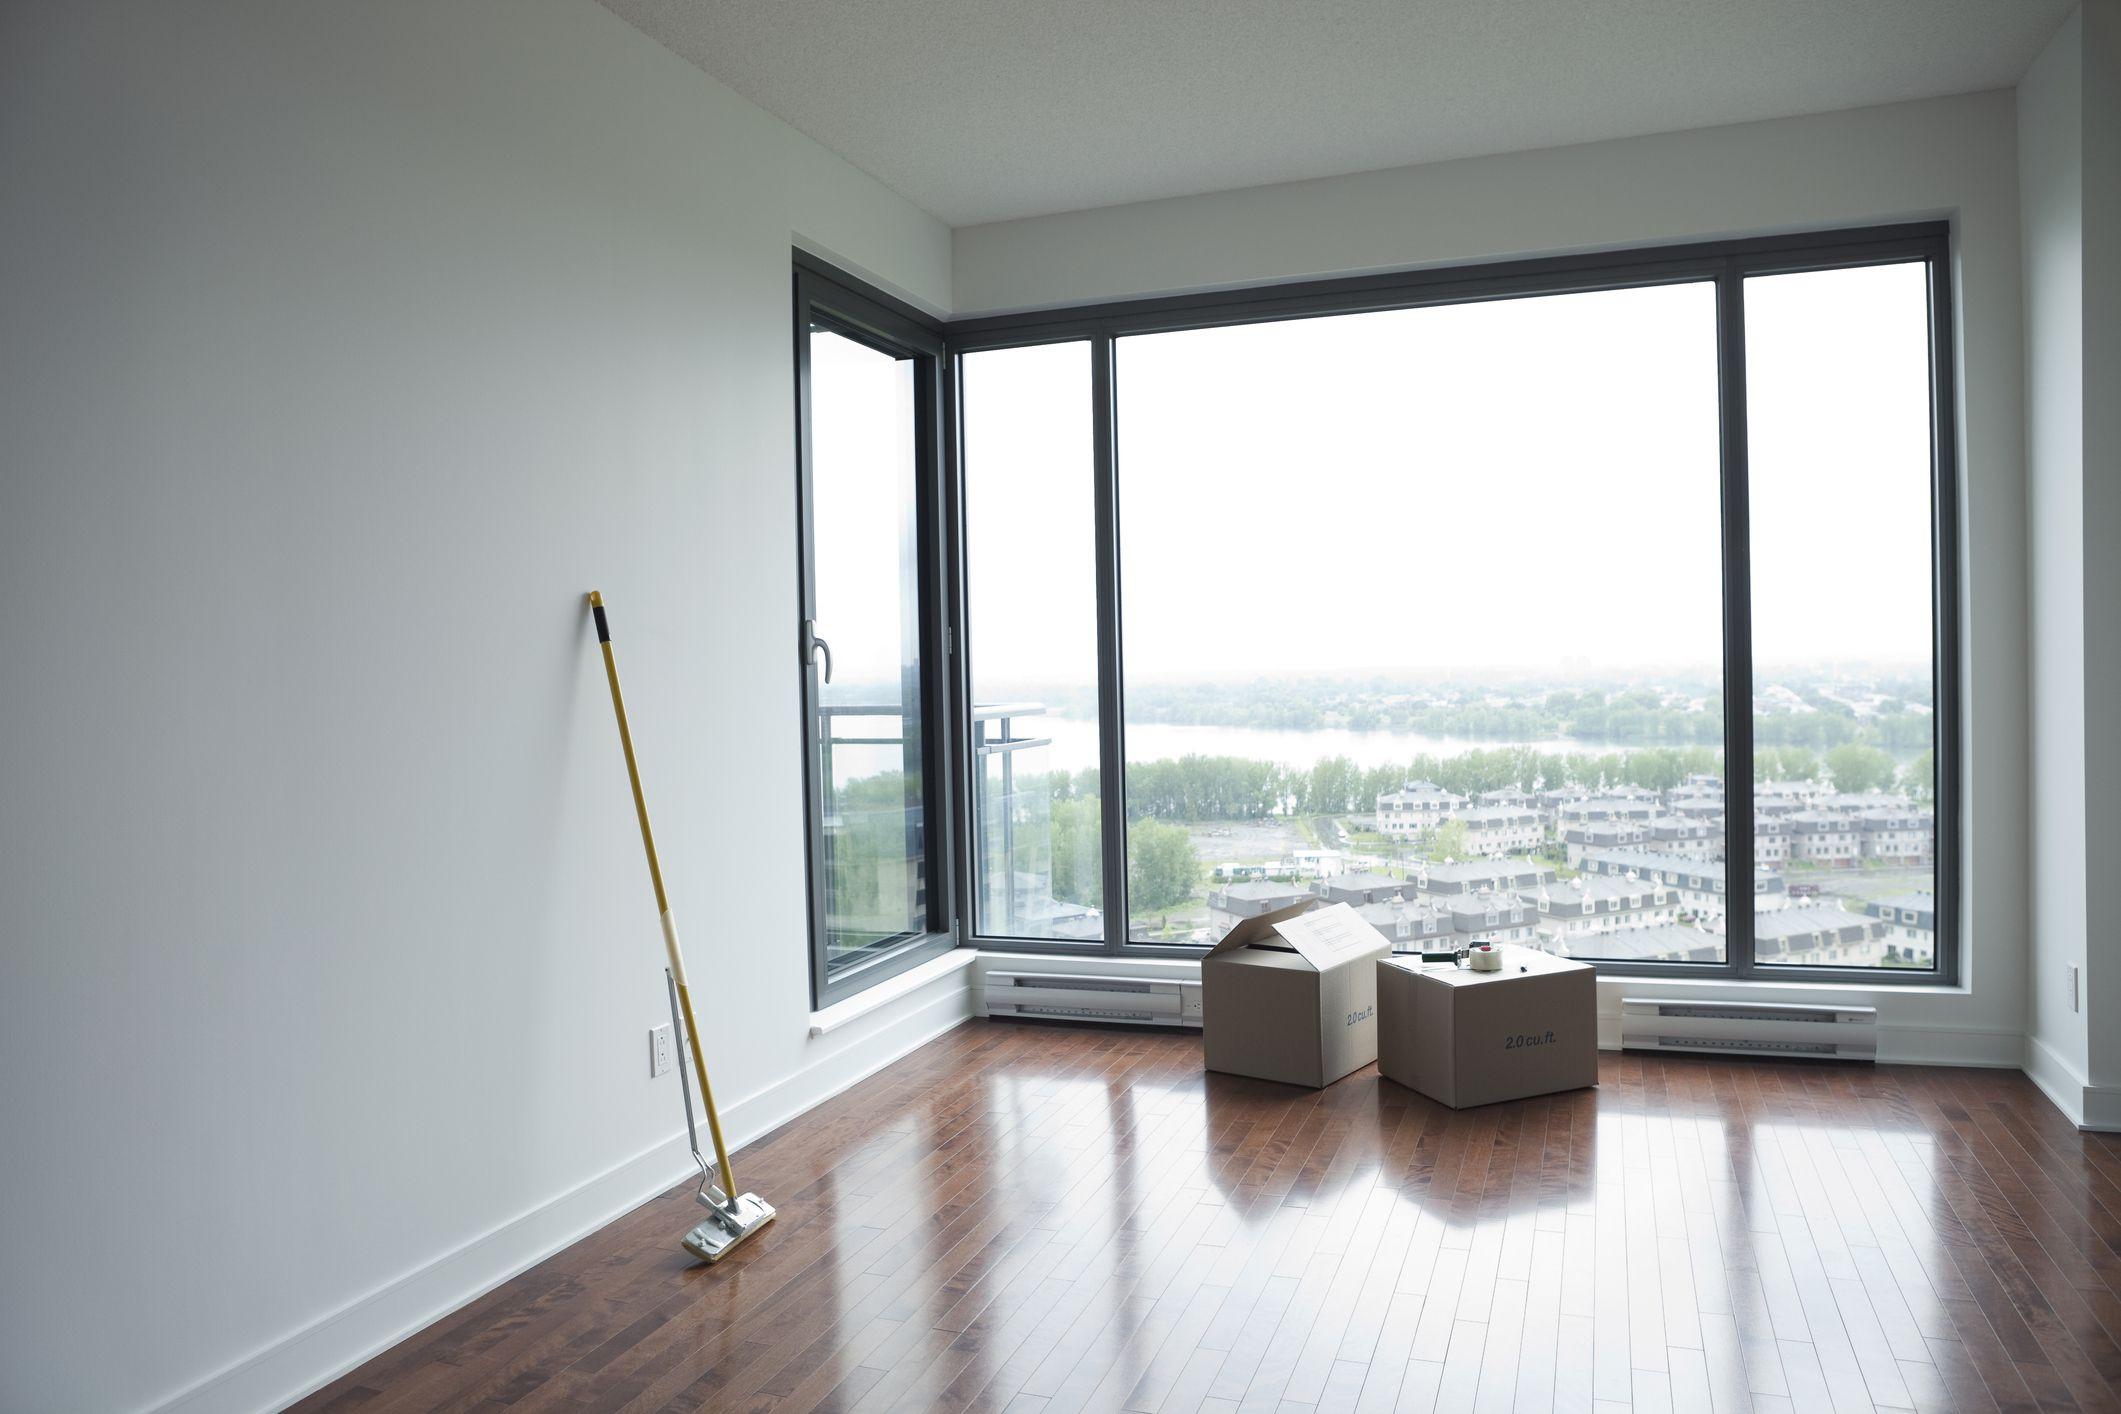 hardwood floor cleaner leaves film of the best cleaner for laminate floors in clean laminate floor gettyimages 183408912 58925fff5f9b5874eeecb034